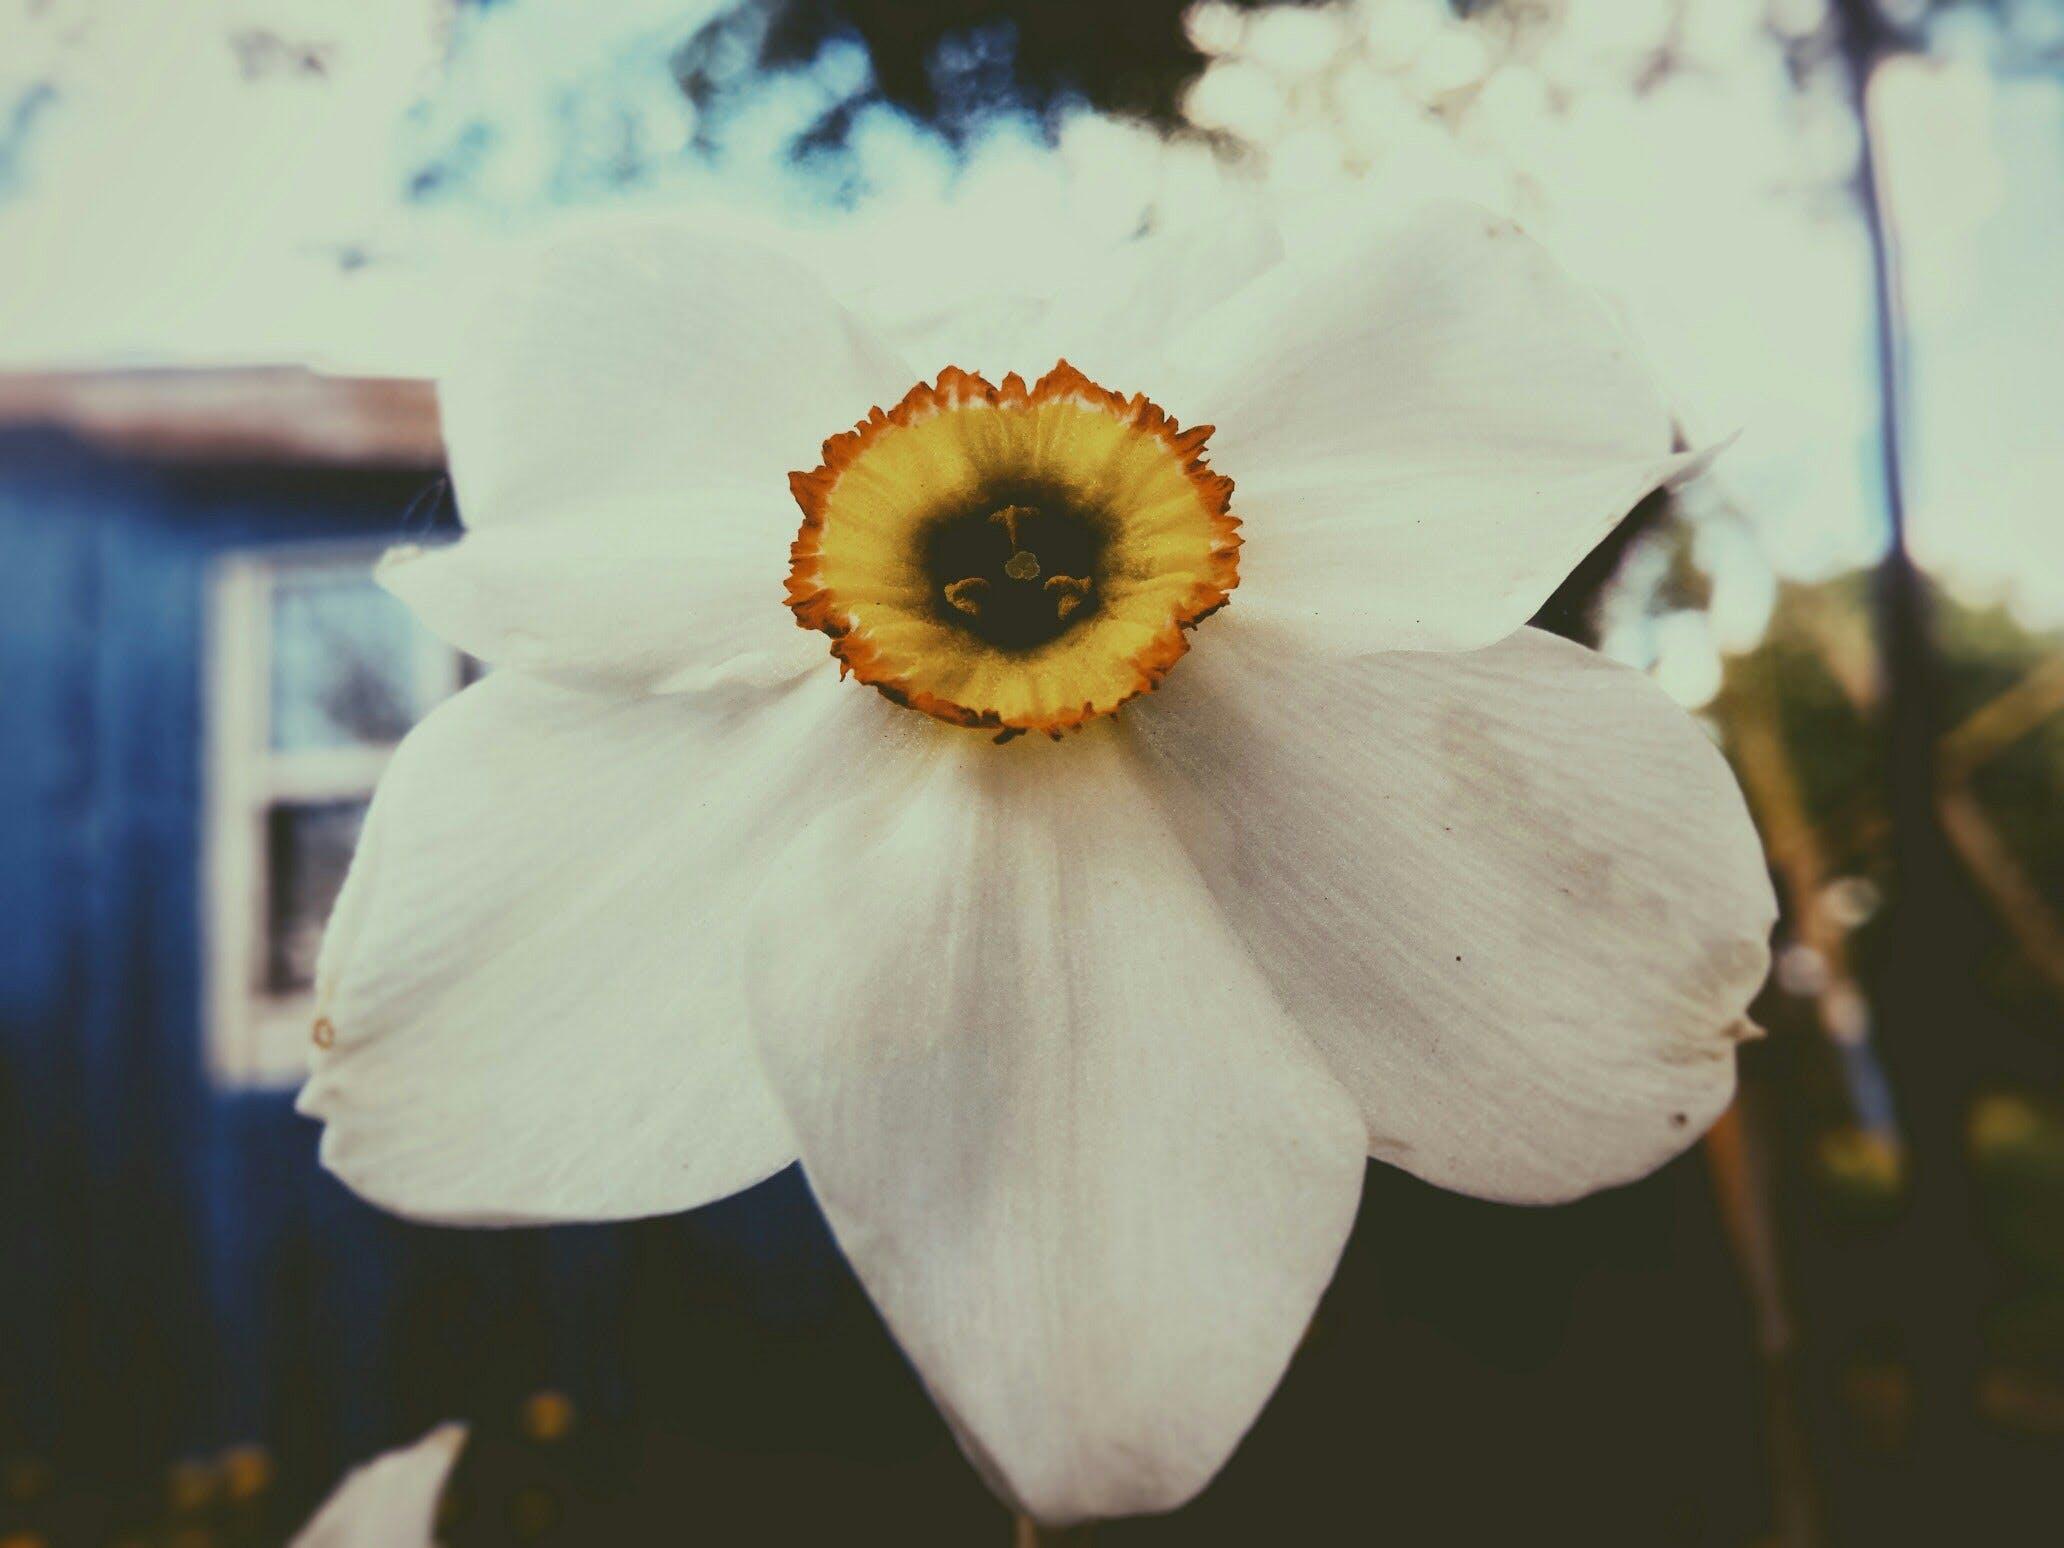 Δωρεάν στοκ φωτογραφιών με βινιέτα, εστιάζω, καλοκαίρι, κήπος